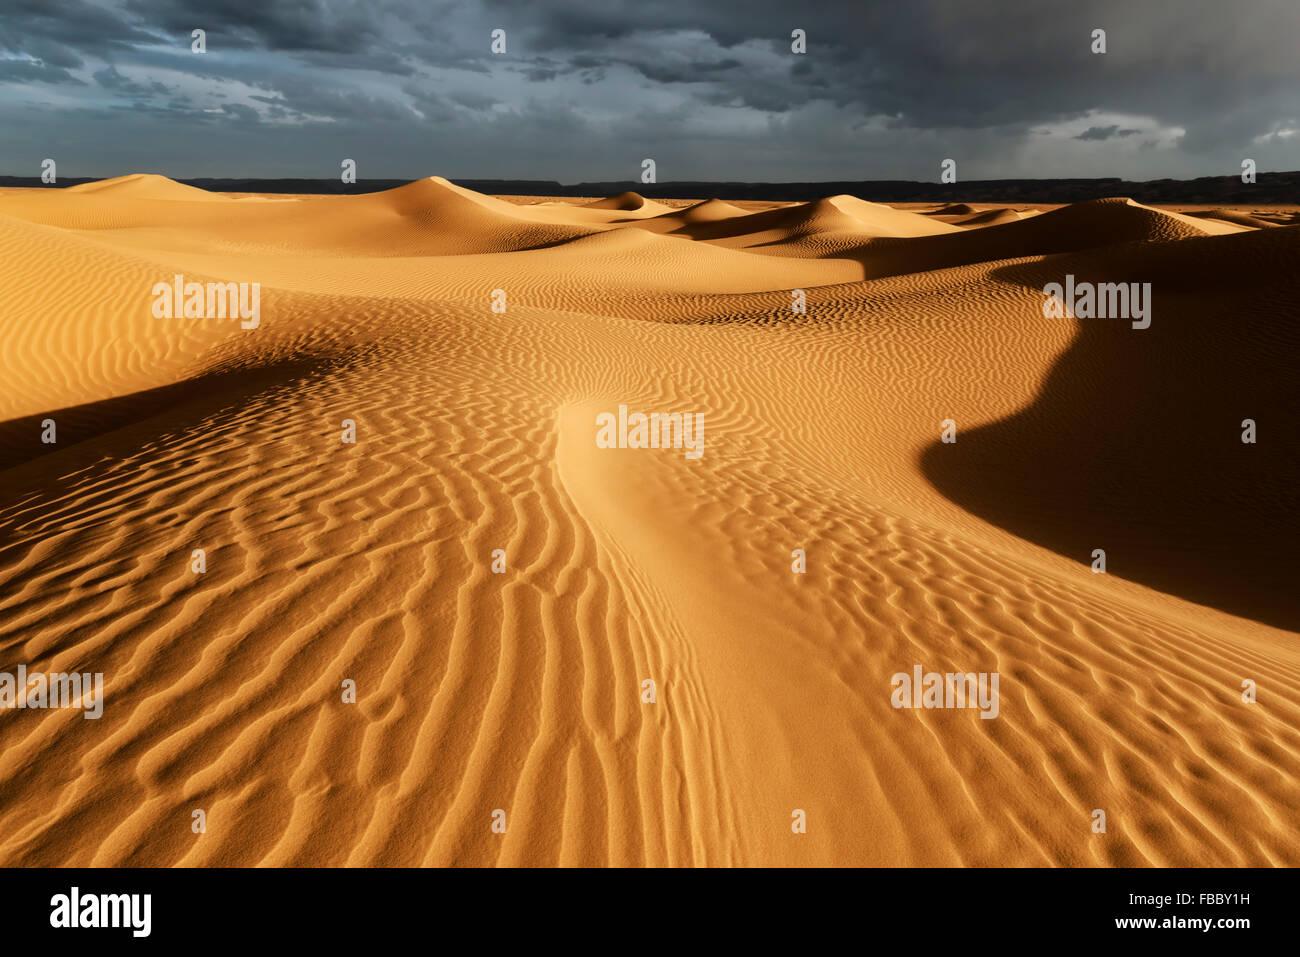 Les dunes de sable du Sahara avec orageux, ciel nuageux, au Maroc. Photo Stock